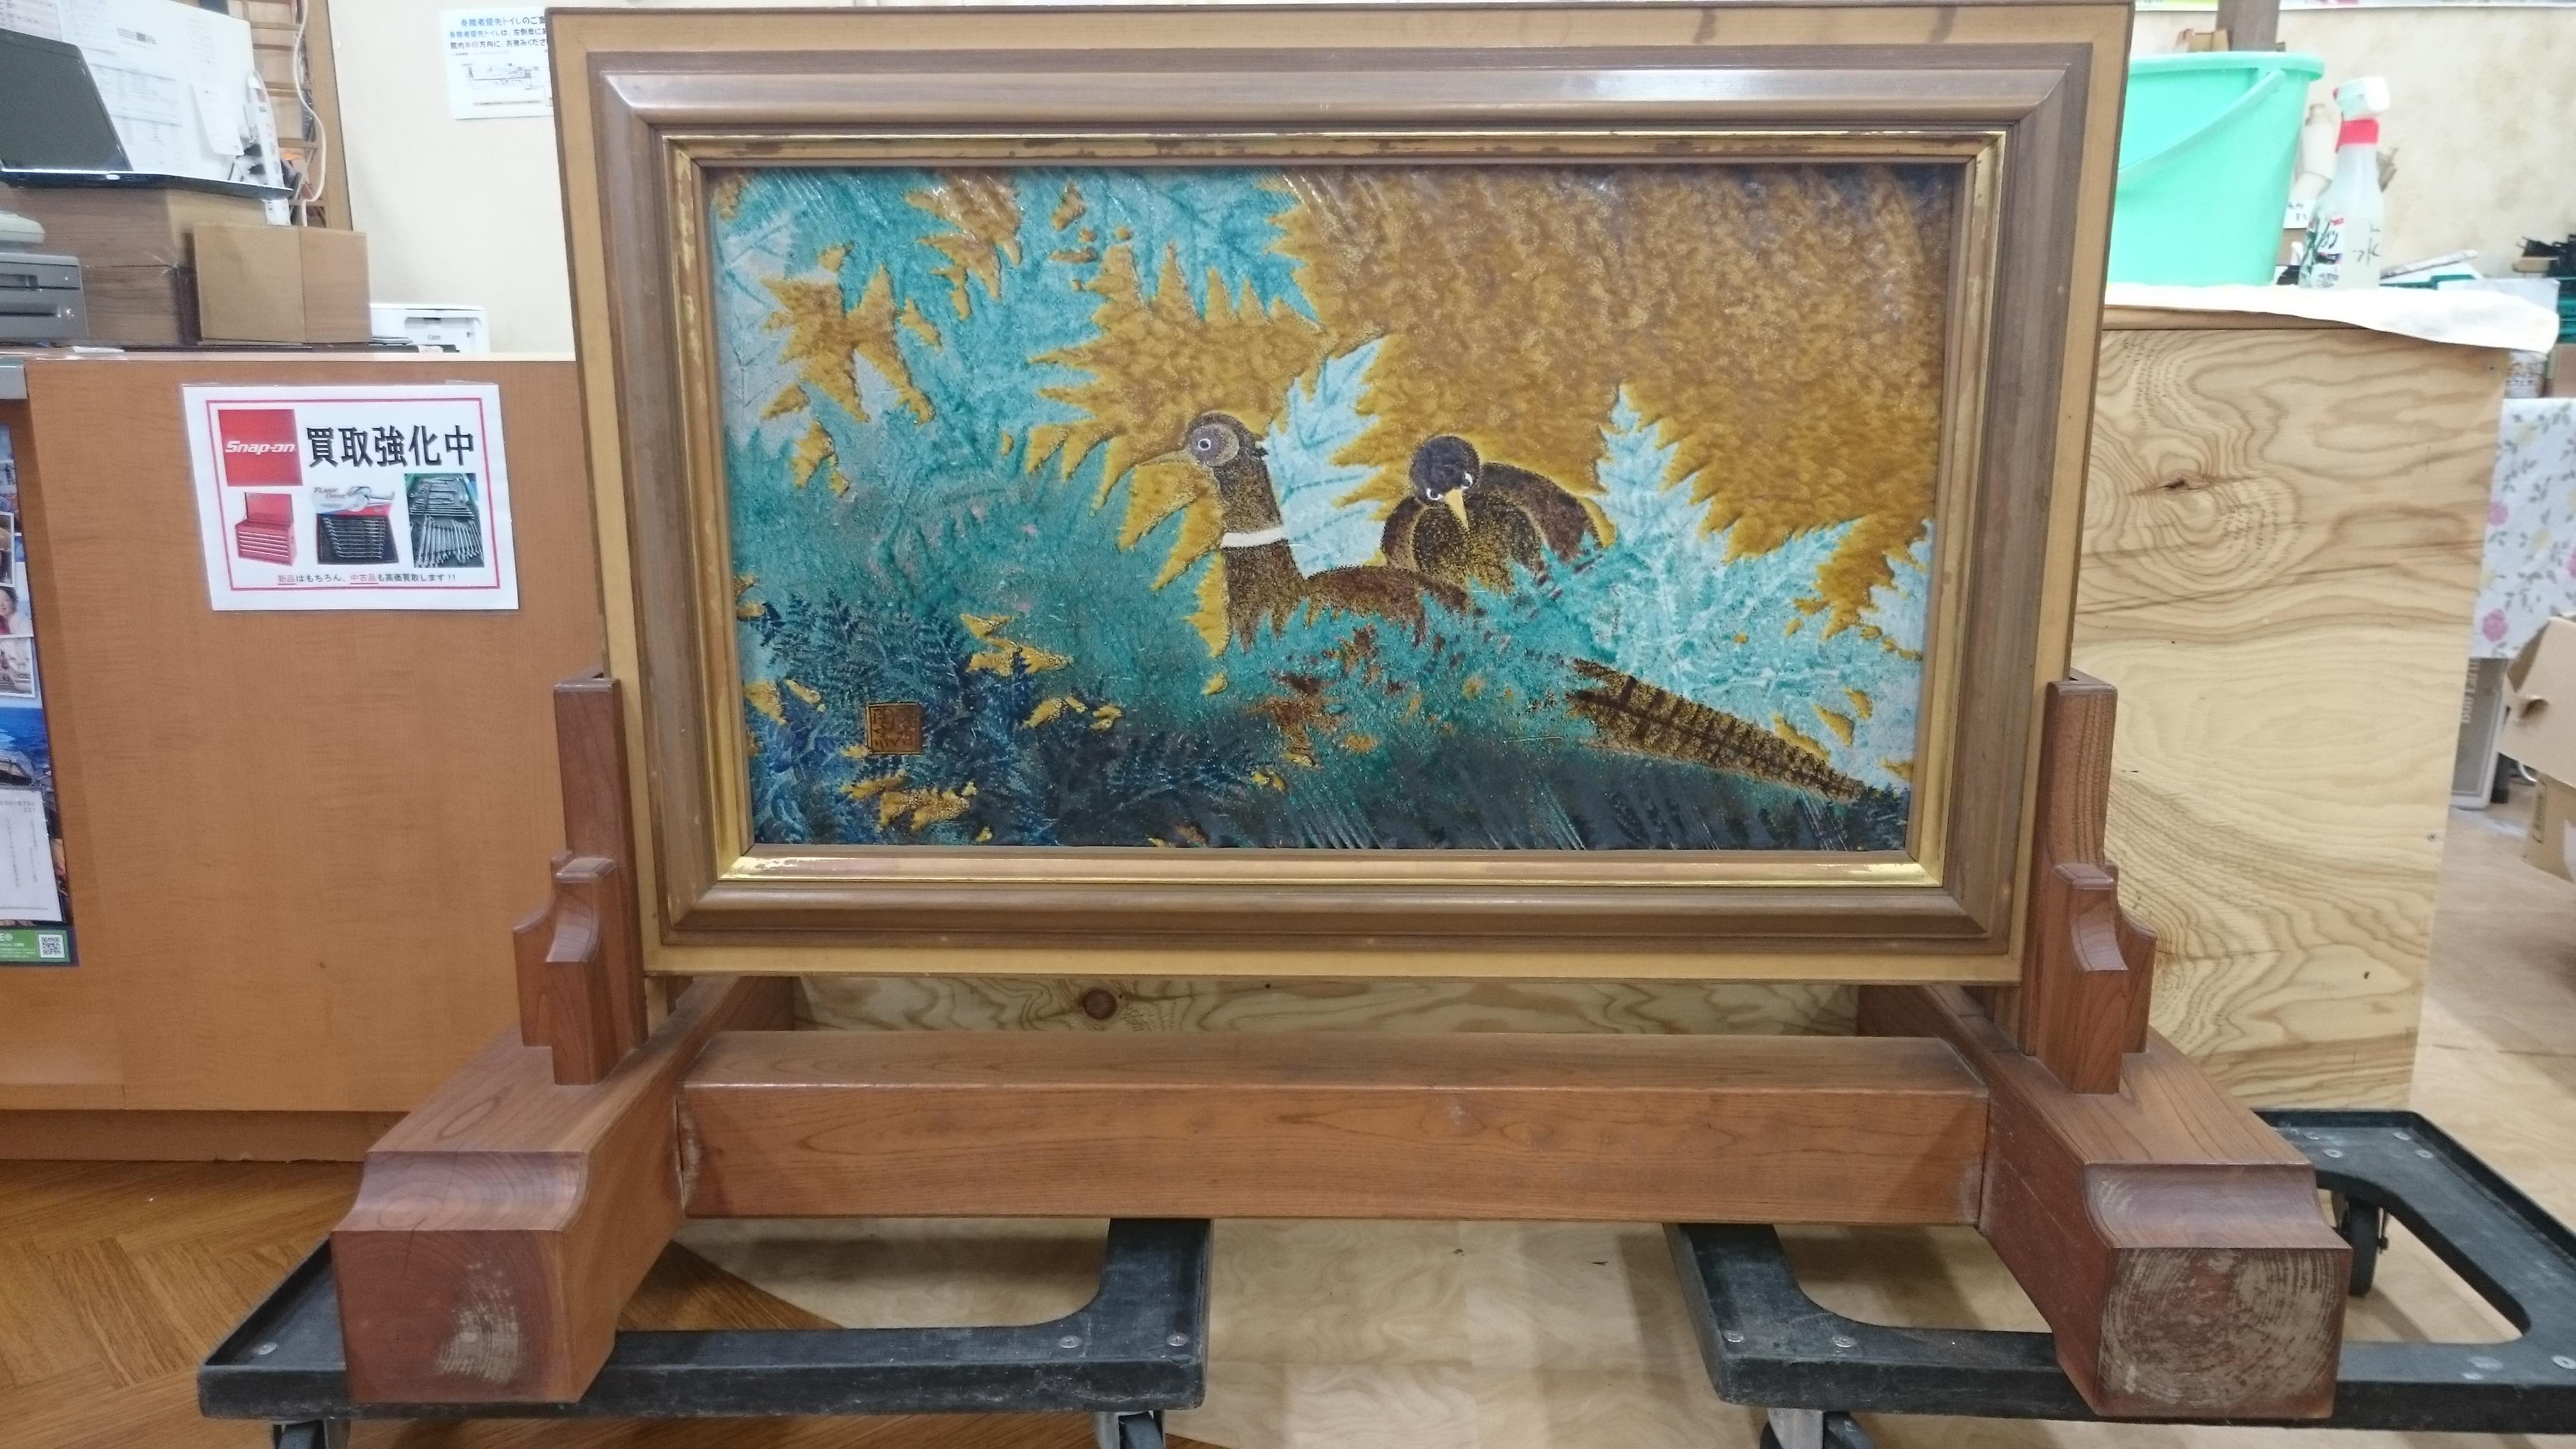 出張買取した浅蔵五十吉の陶板衝立の画像です